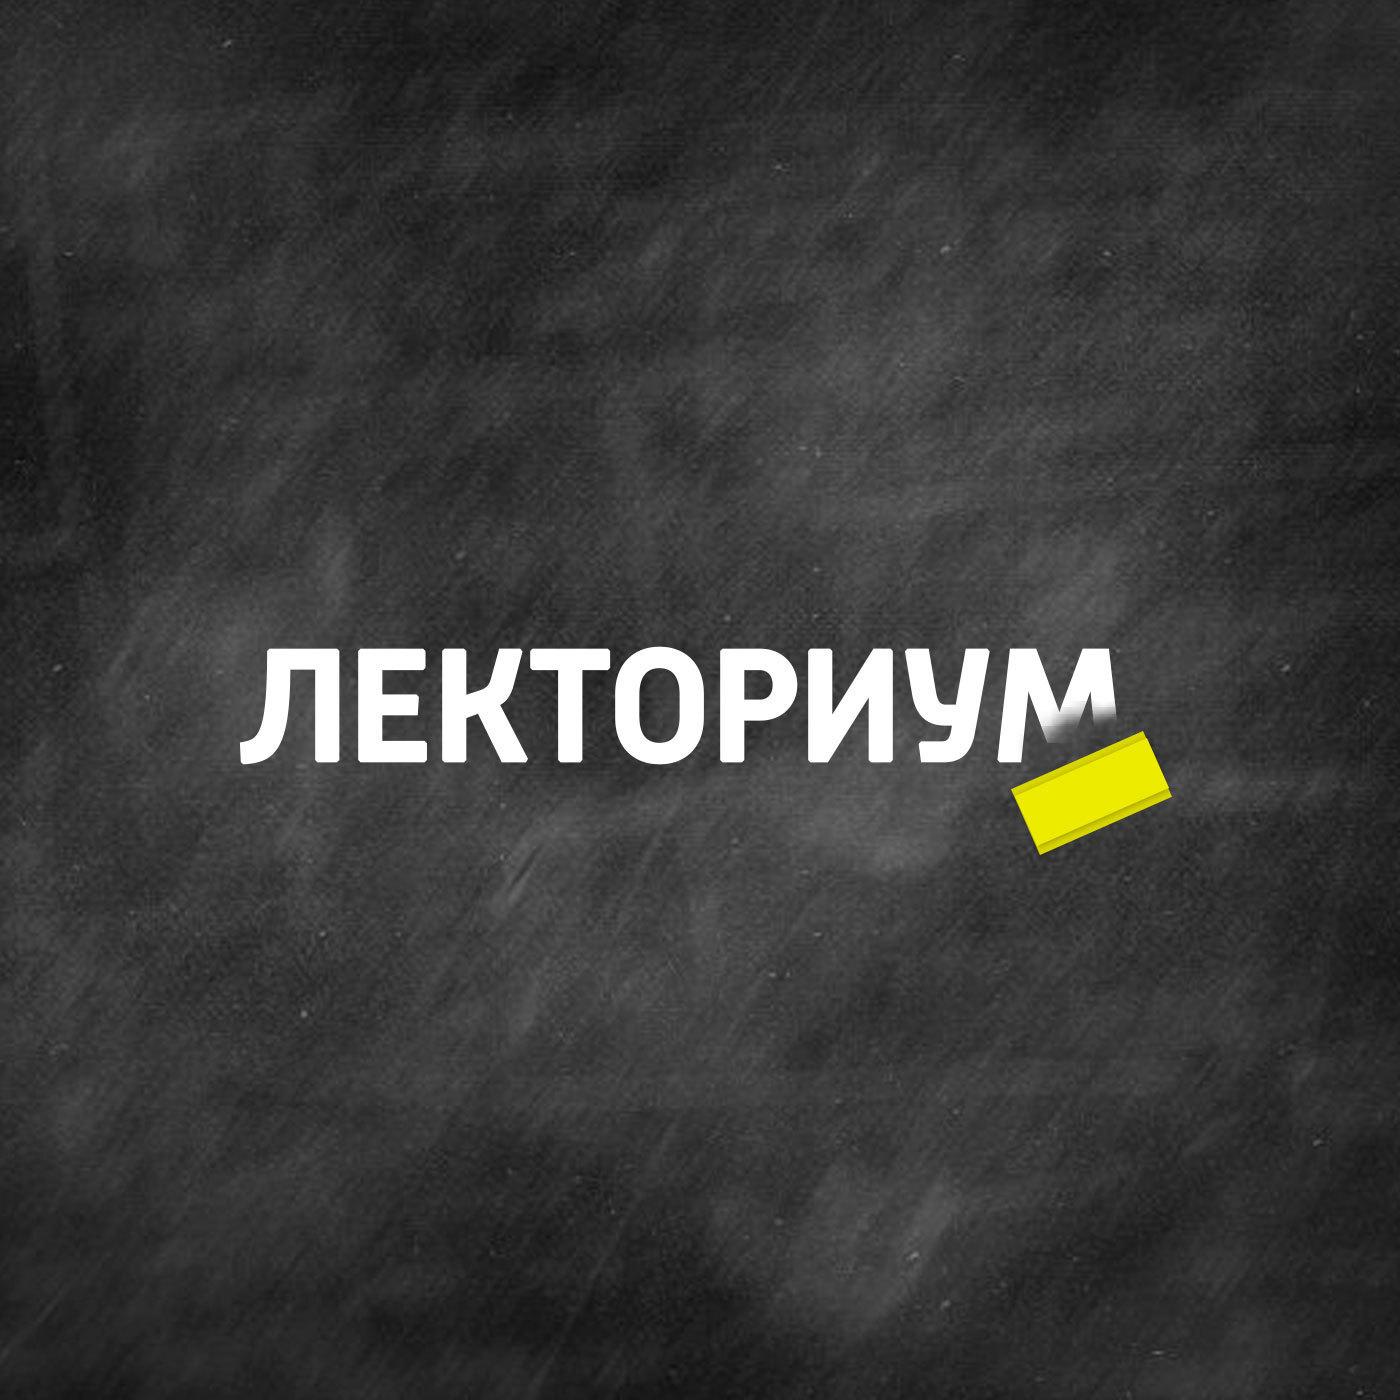 Творческий коллектив шоу «Сергей Стиллавин и его друзья» 100 книг для формирования личности. Часть 3 евгений клец время тьмы источник скверны